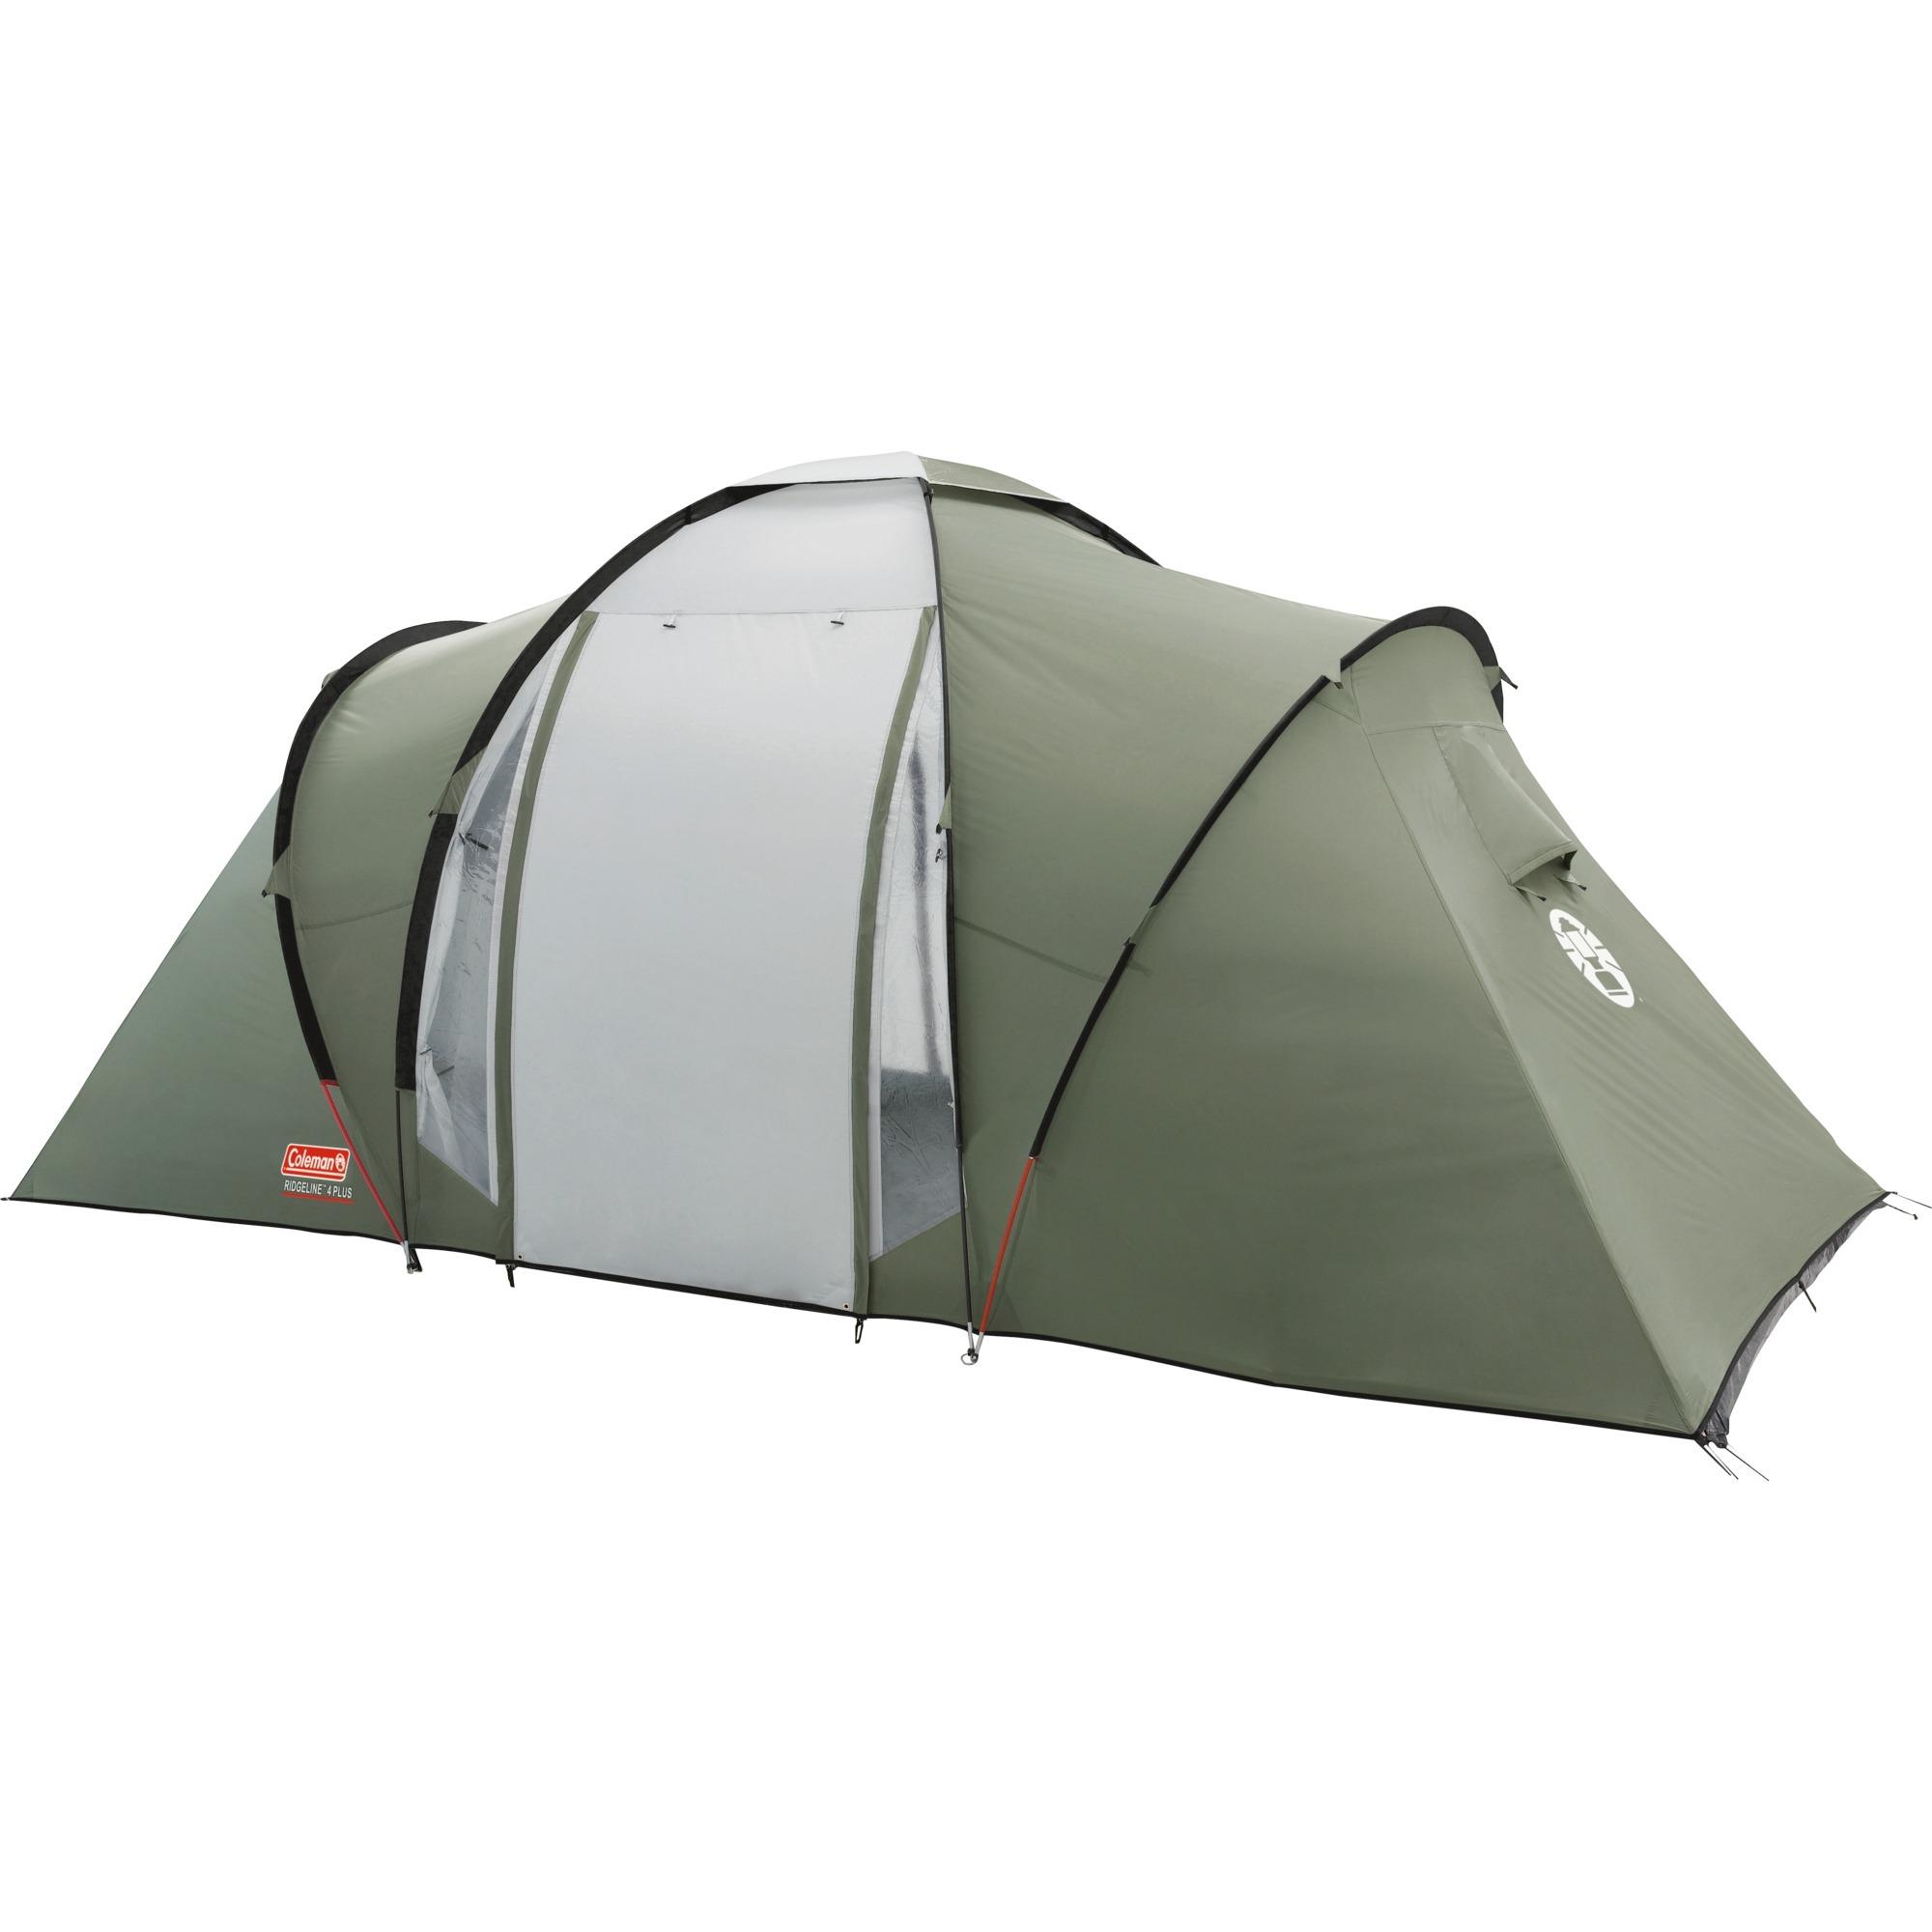 Ridgeline 4 Plus Tente vis-à-vis